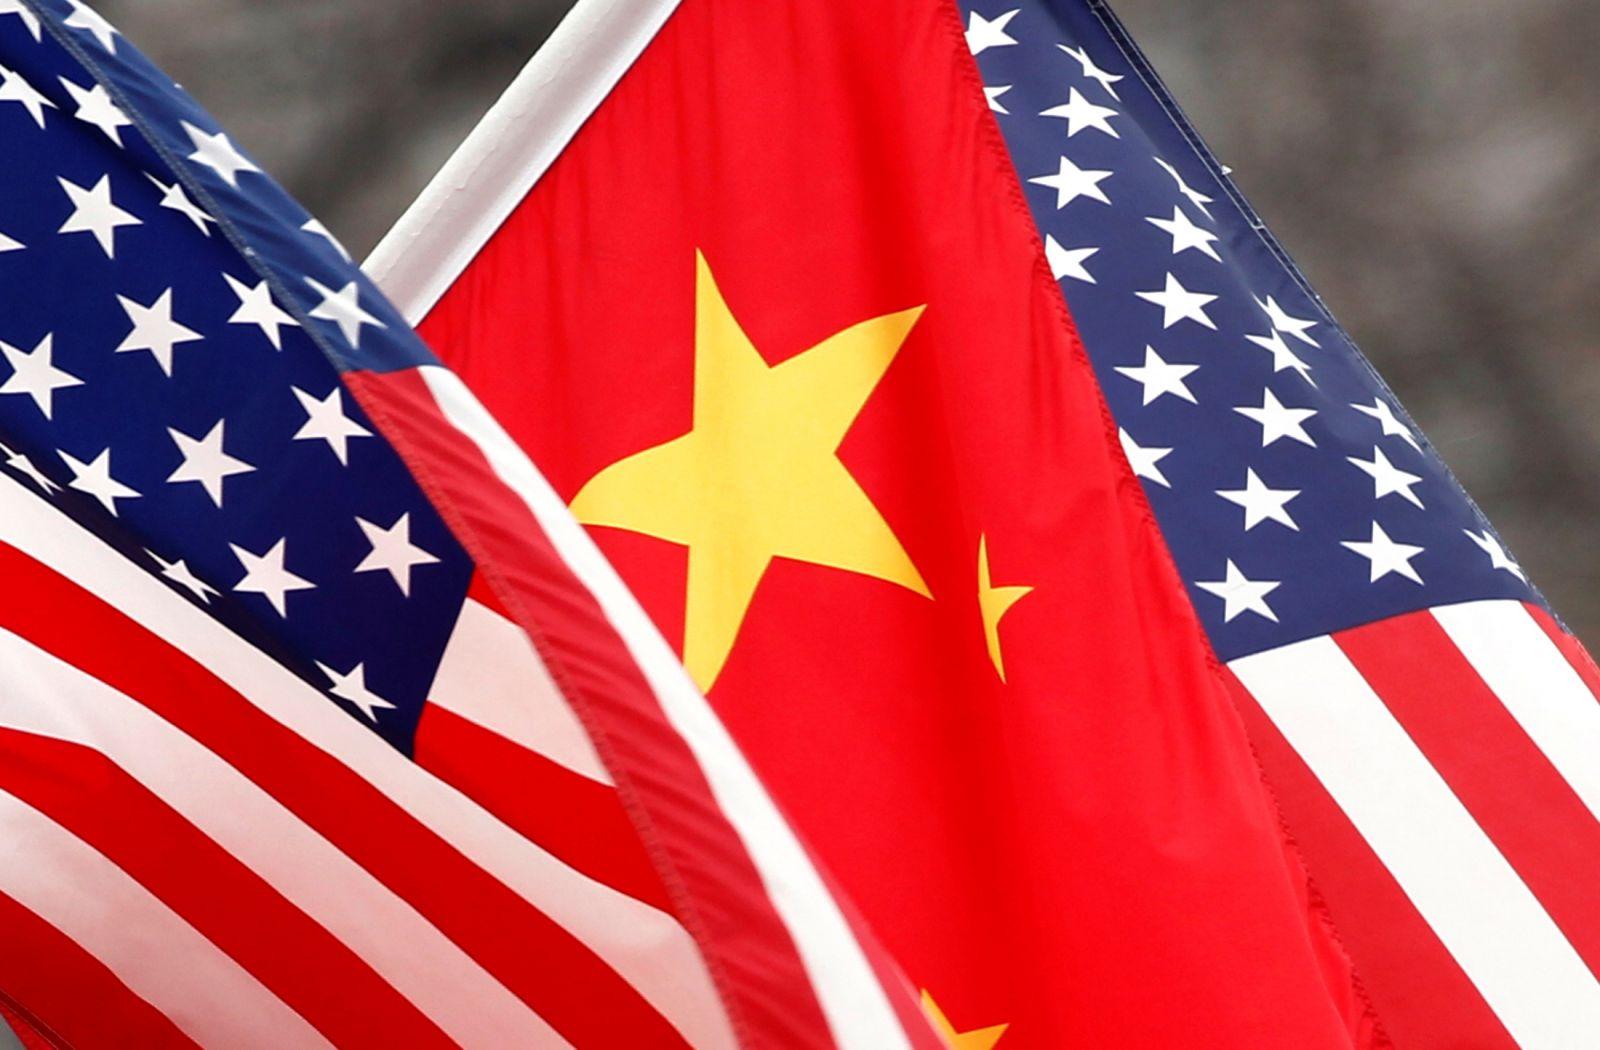 Presiden China, Xi Jinping, secara buka-bukaan mengamuk dan memberikan sebuah pesan telak dalam sebuah forum karena tingkah Amerika Serikat. (foto: REUTERS/Kevin Lamarque)